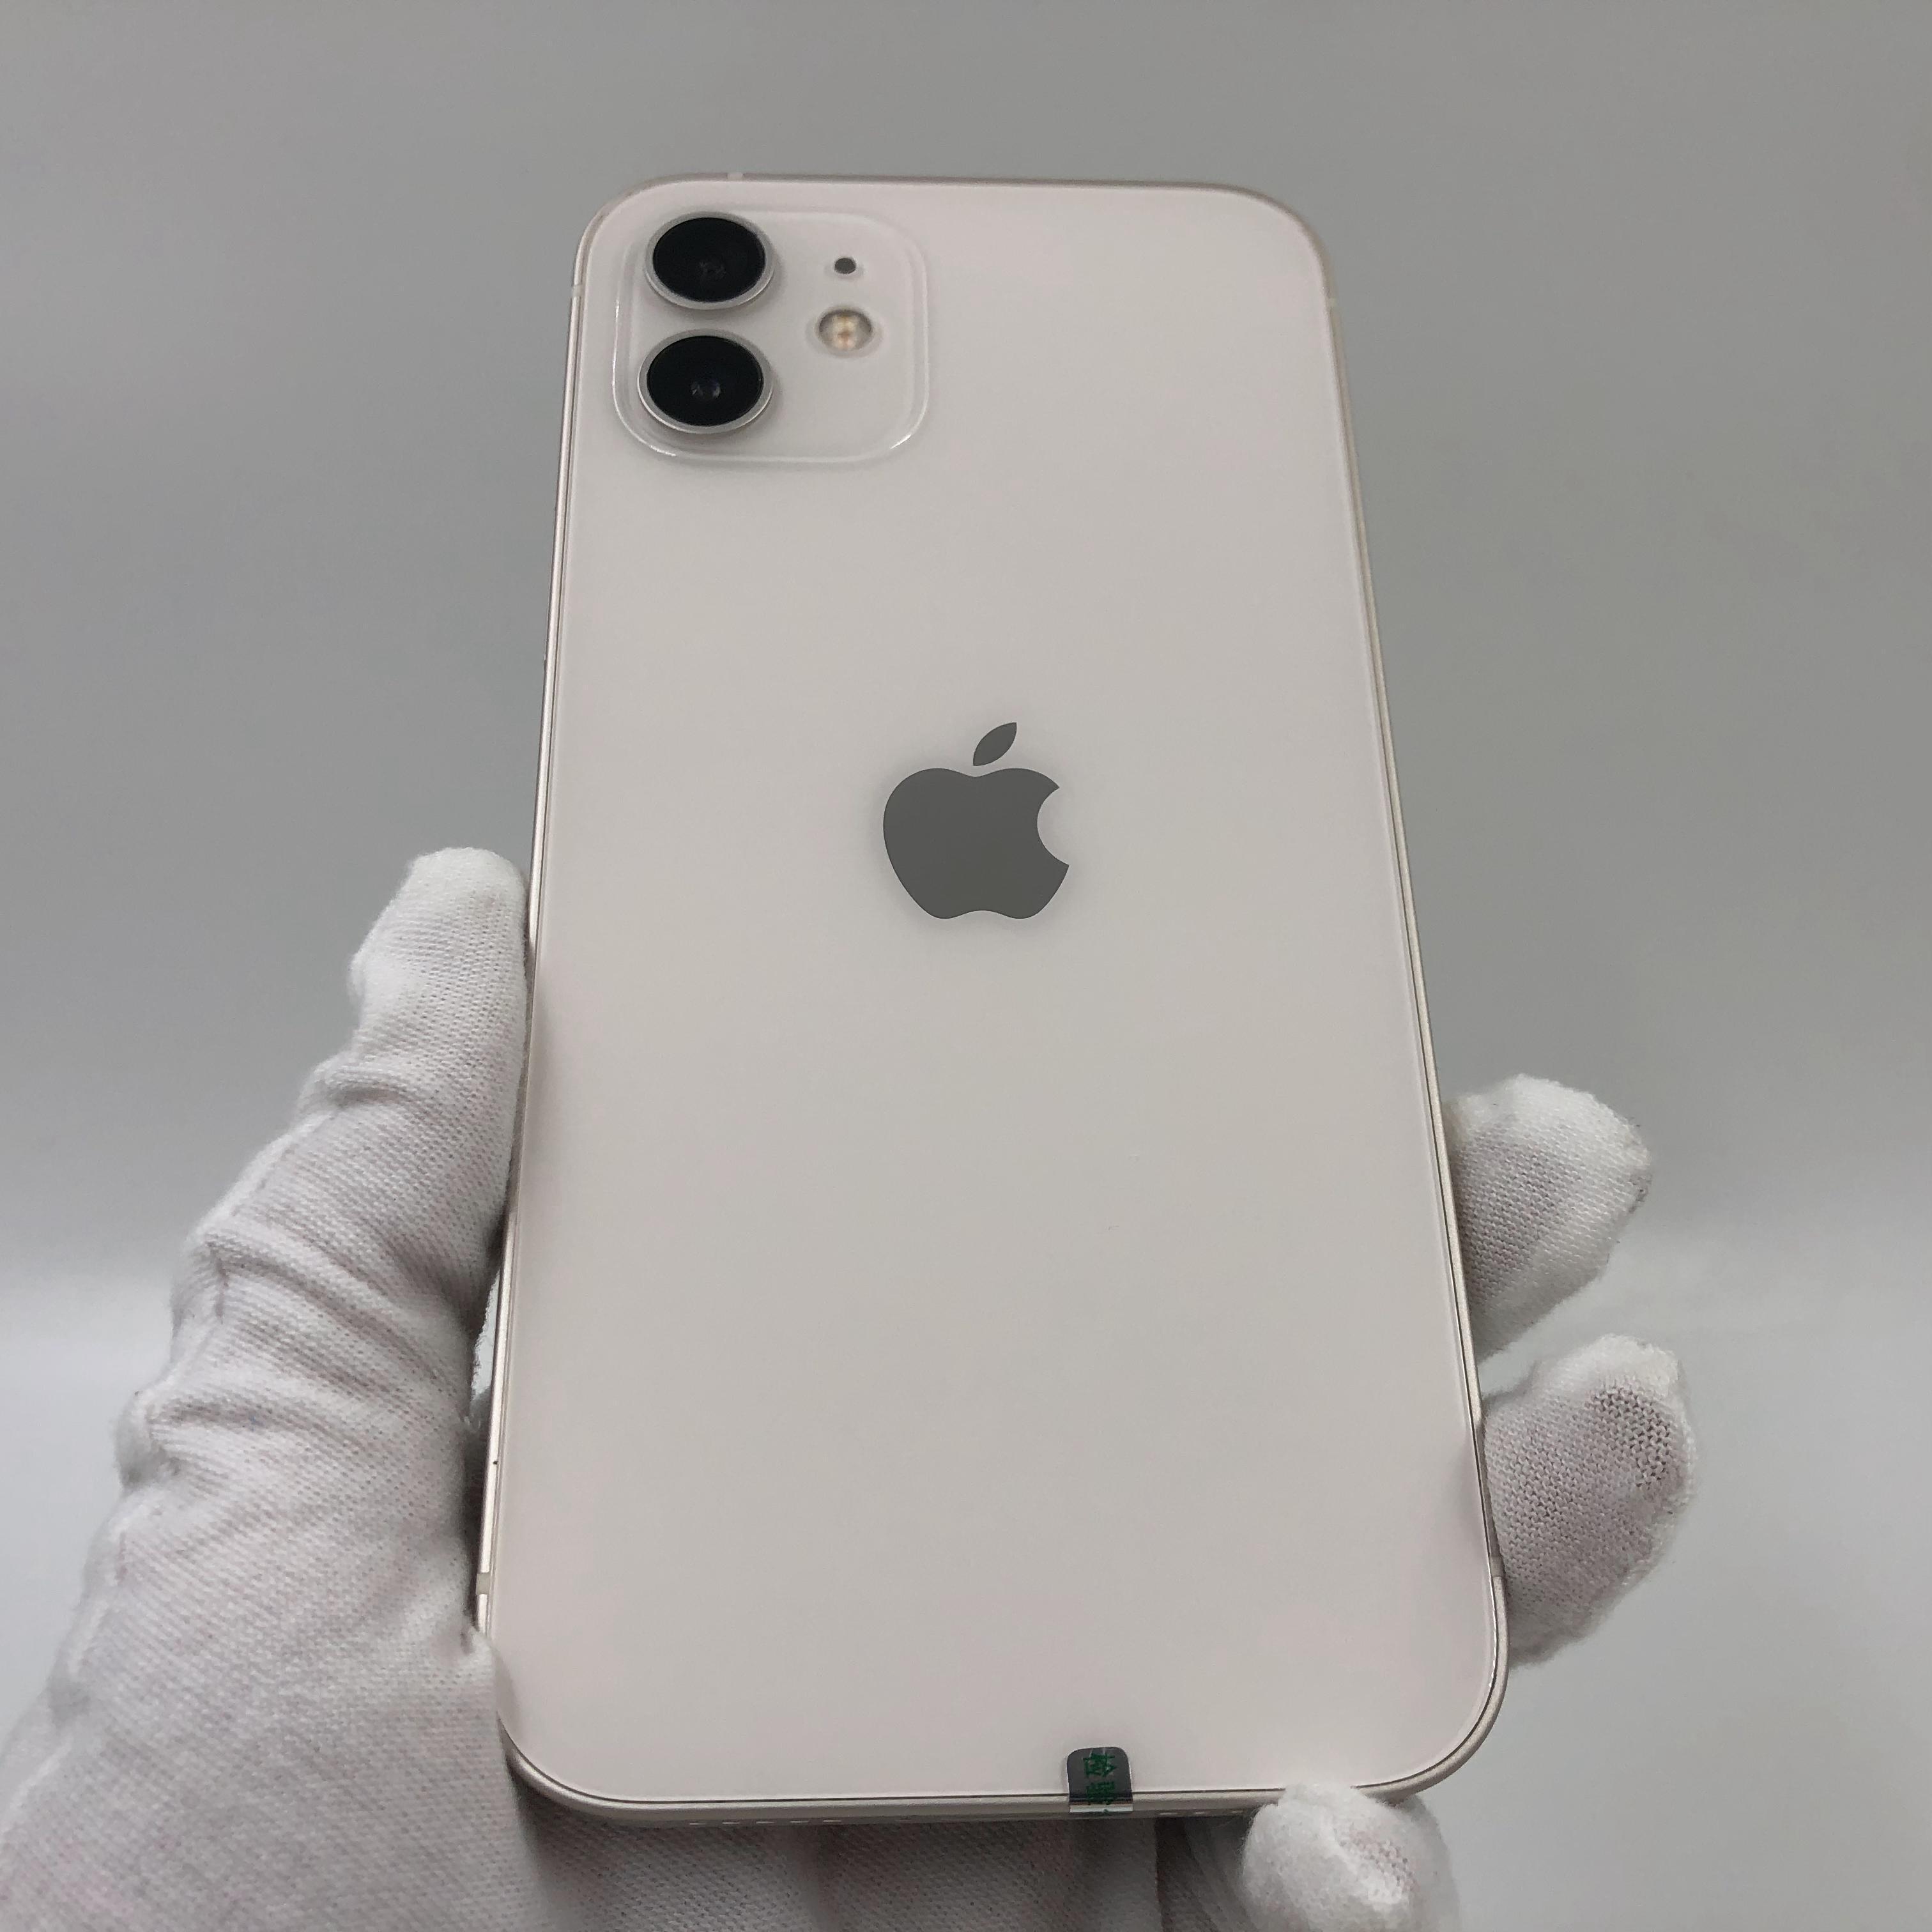 苹果【iPhone 12】5G全网通 白色 64G 国行 8成新 真机实拍官保2022-04-10